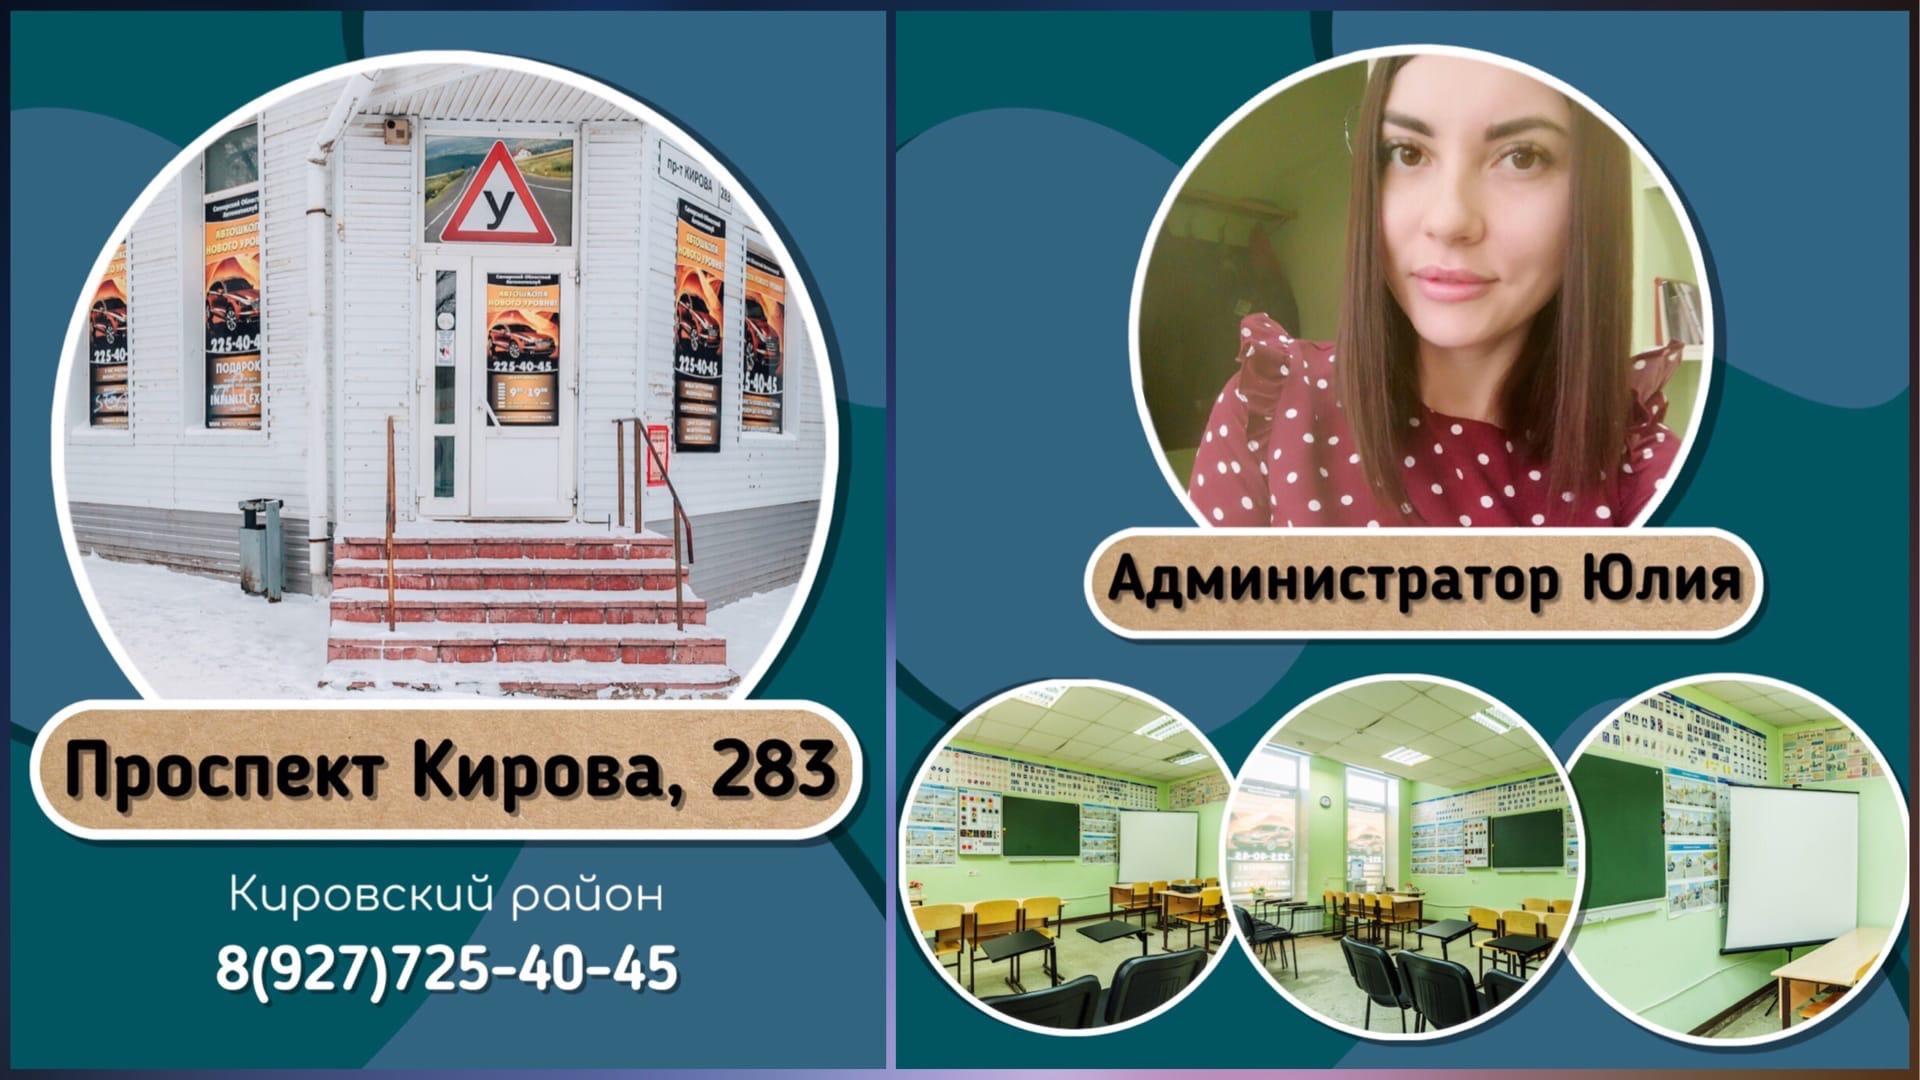 Автошкола в Самаре на улице Кирова